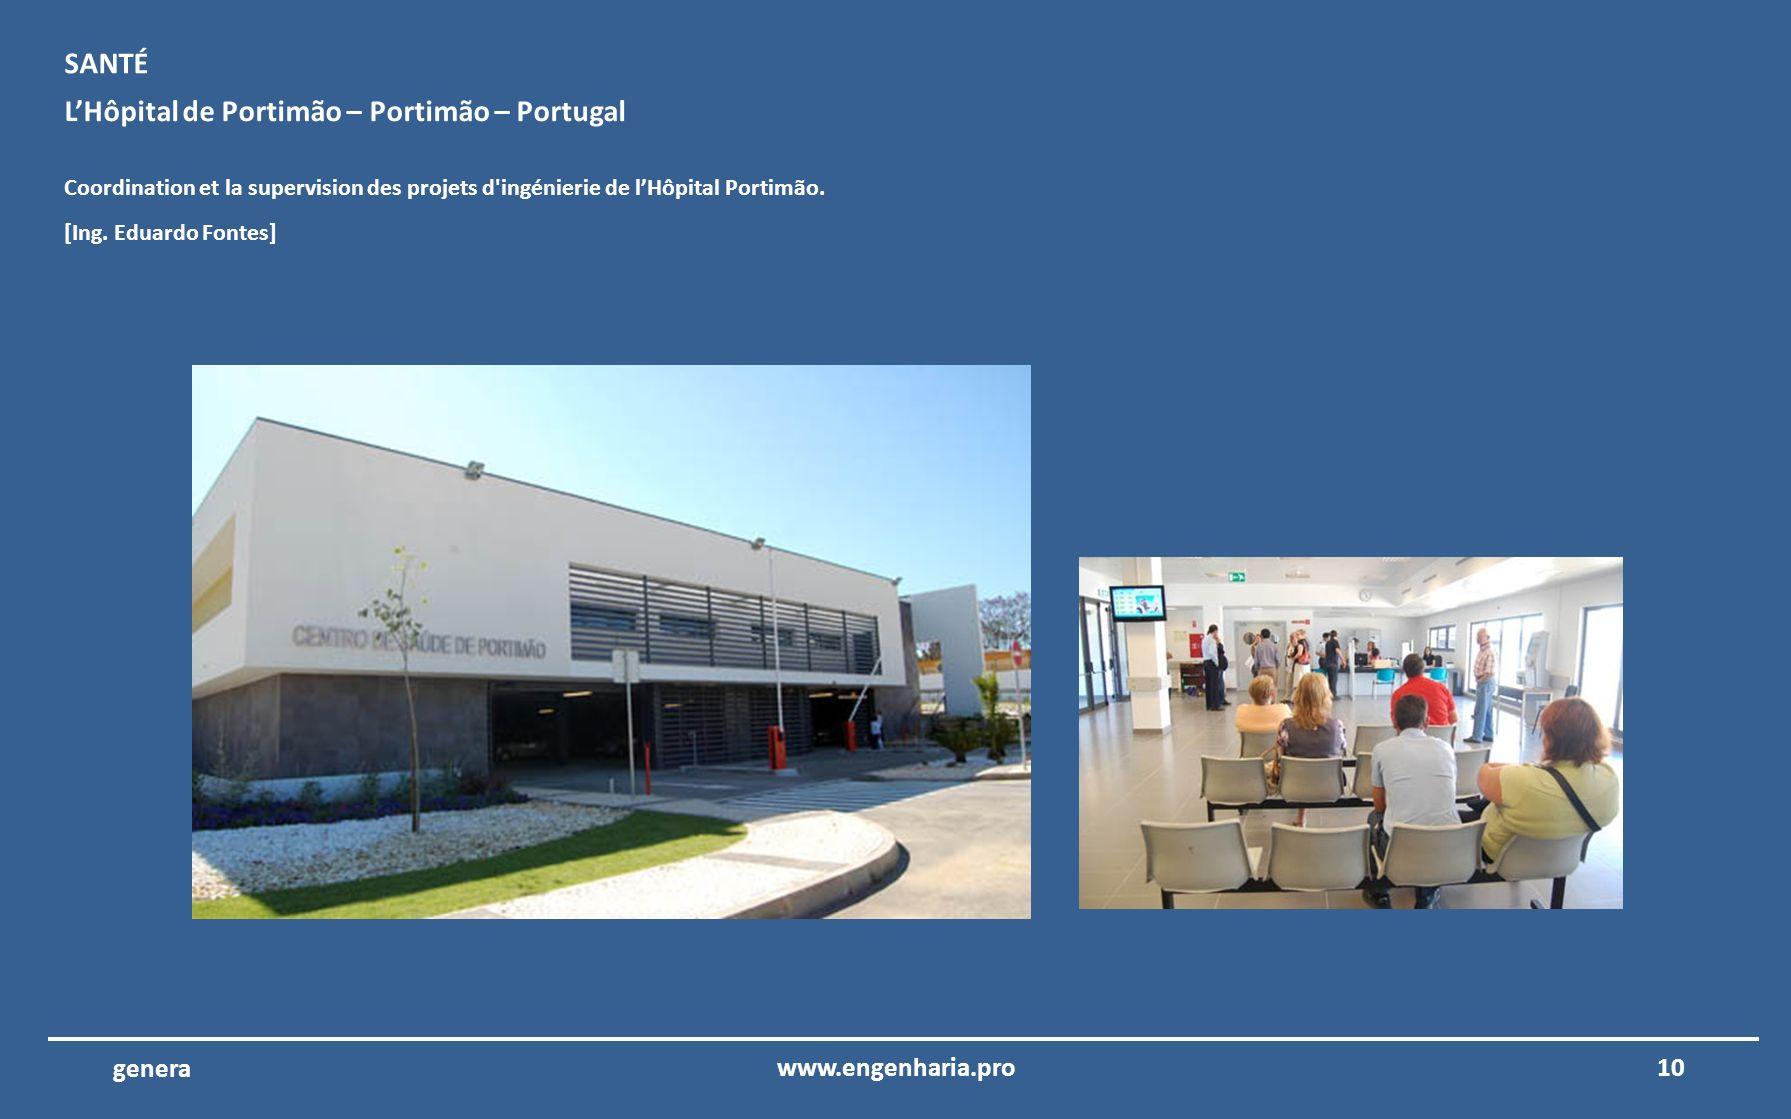 L'Hôpital de Portimão – Portimão – Portugal